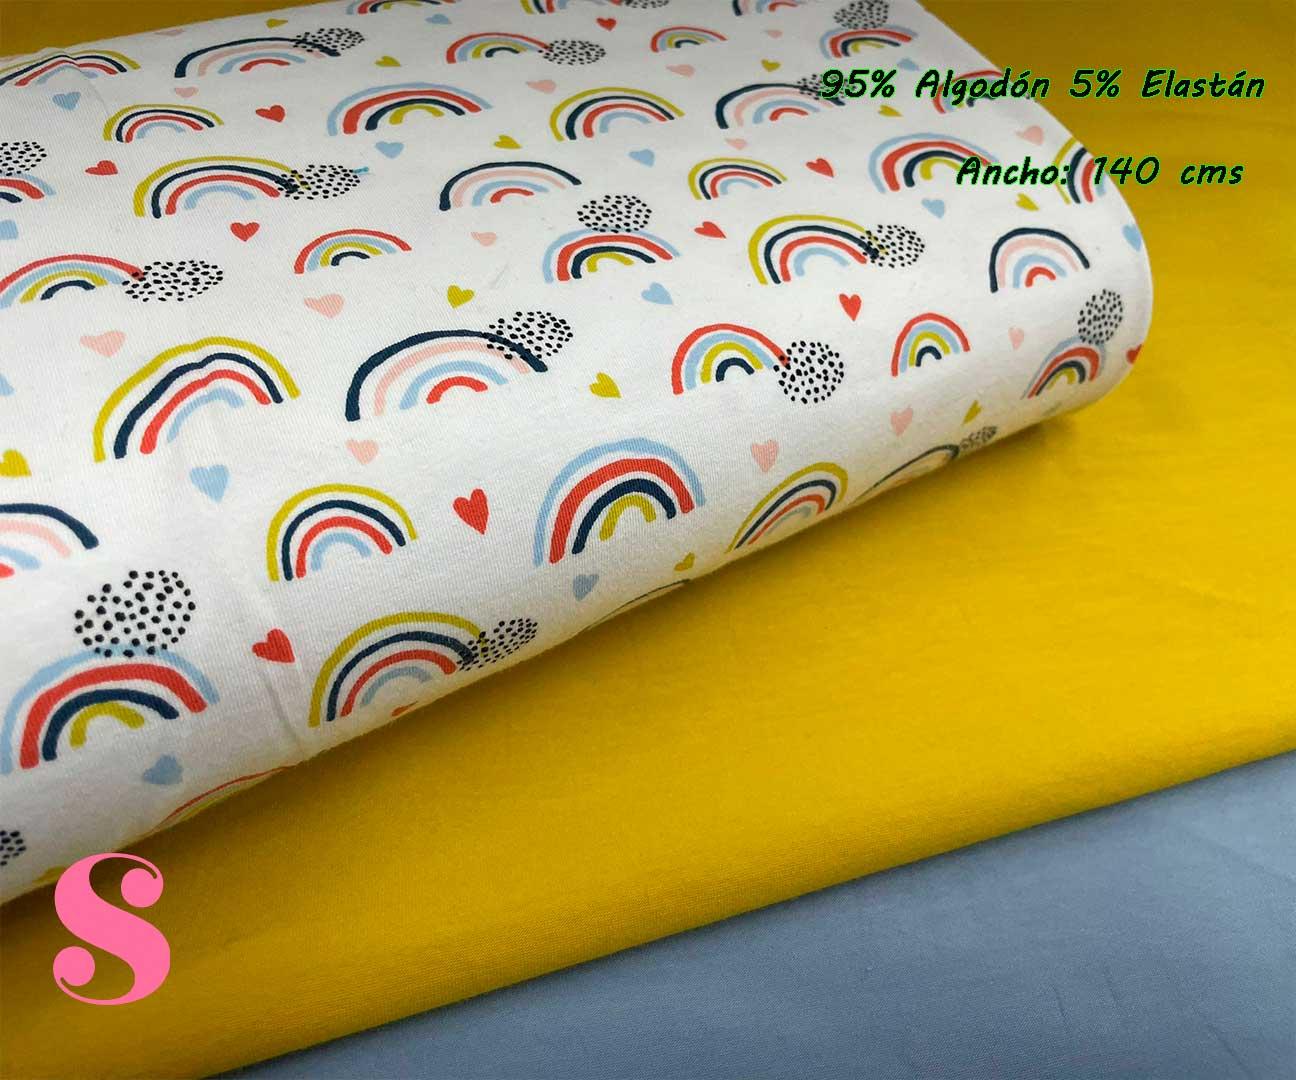 30-telas-de-punto,telas-estampadas-infantiles,tejidos-estampados-para-sudaderas,telas-para-confeccionar-ropa-infantil,Punto Camiseta Jersey Estampado Arcoíris